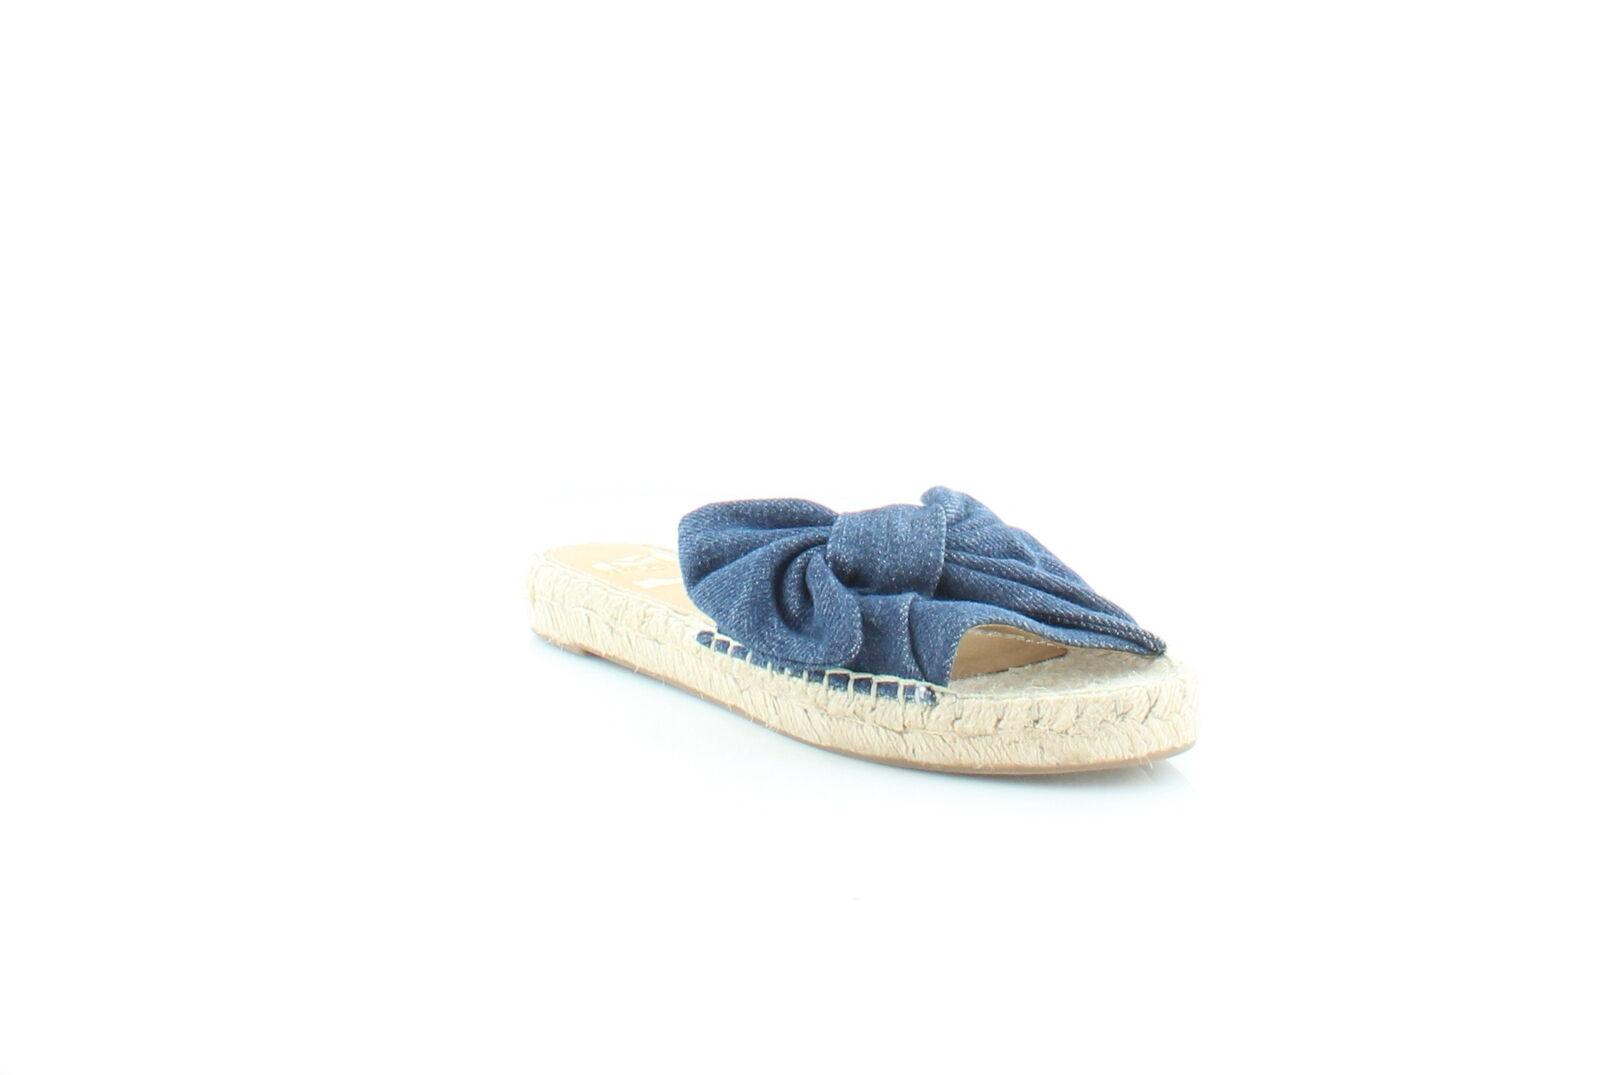 Marc Fisher Valey 2 Women's Sandals Dark bluee